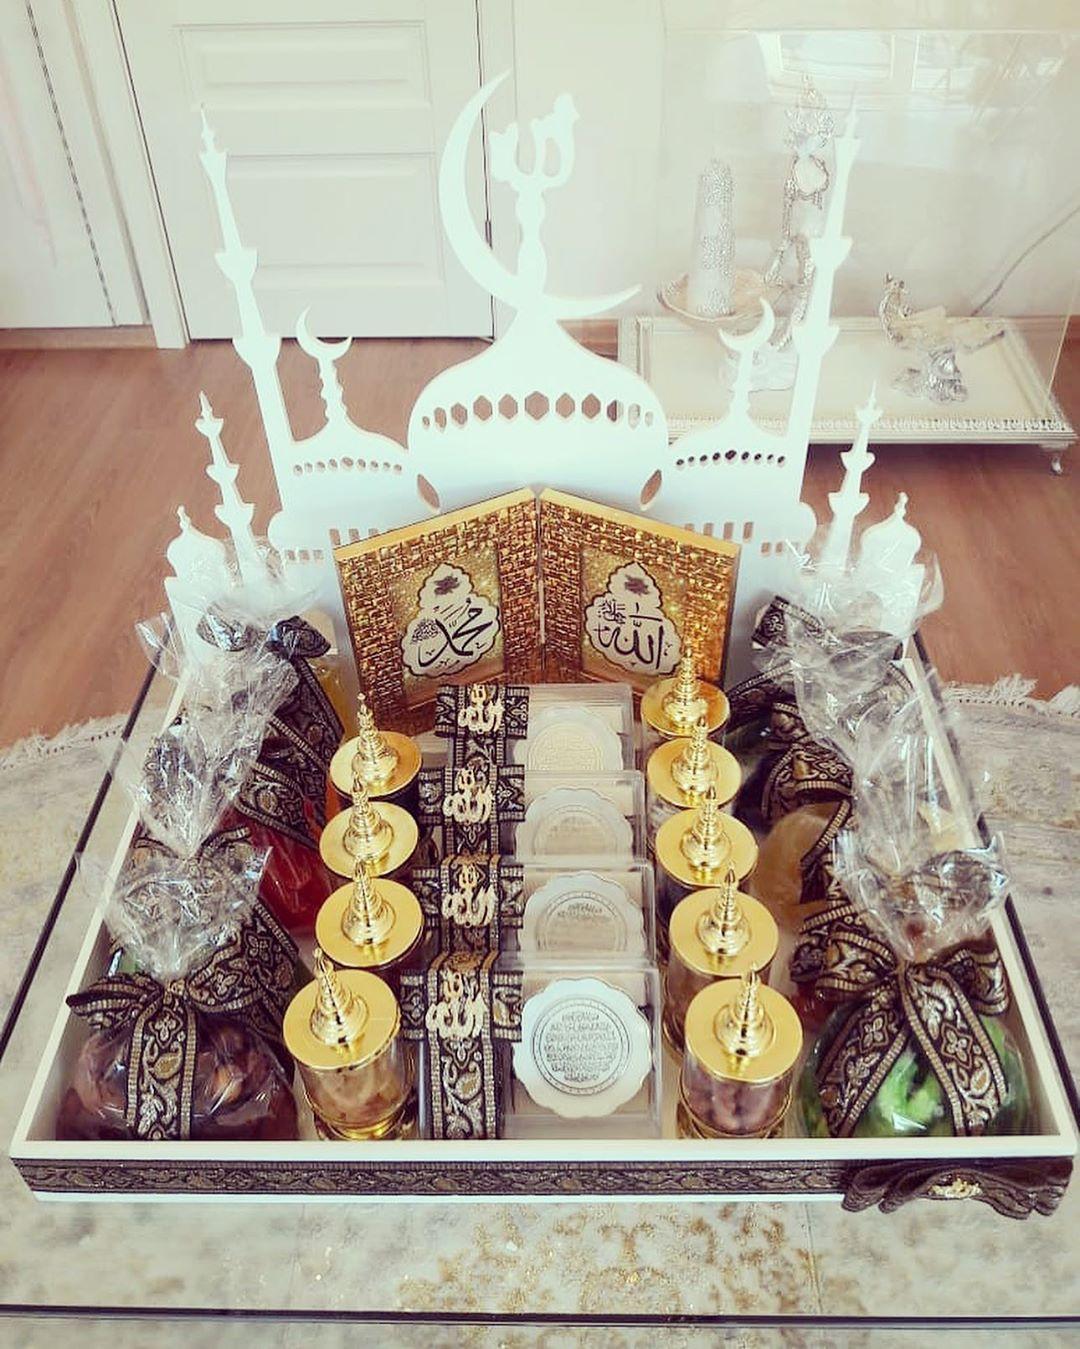 Ramazan Xoncasi Xonca Xoncalarinbezedilmesi Xoncalar Xna Xnaxoncasi Toy Wedding Inlovedesign Inlove Bir Ramadan Gifts Ramadan Decorations Eid Gifts